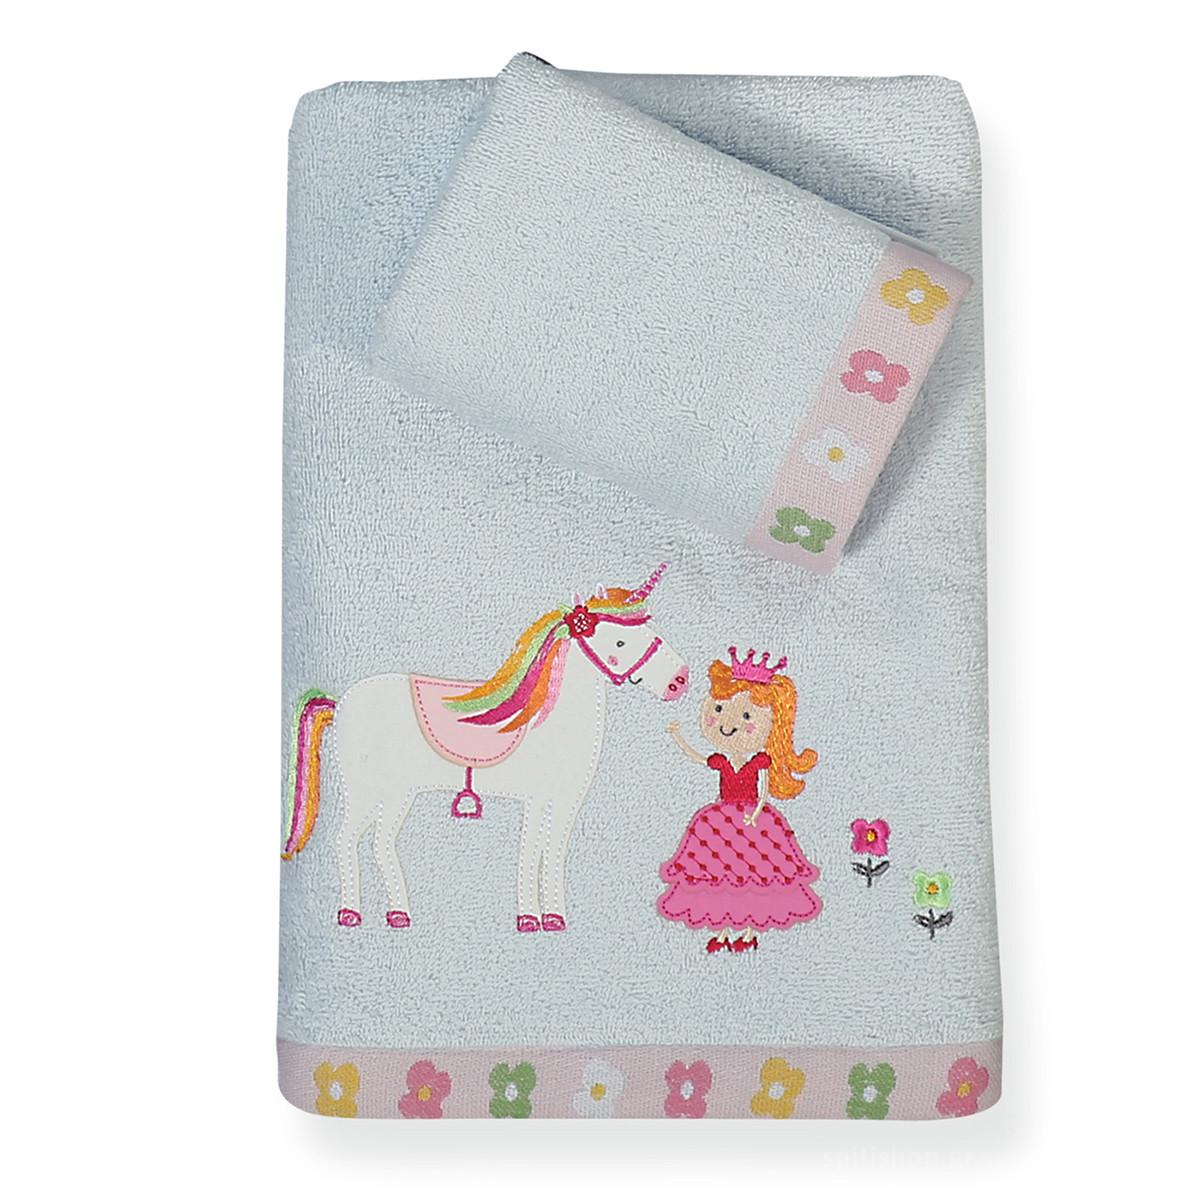 Παιδικές Πετσέτες (Σετ 2τμχ) Nef-Nef Junior Cute Kingdom home   παιδικά   πετσέτες παιδικές